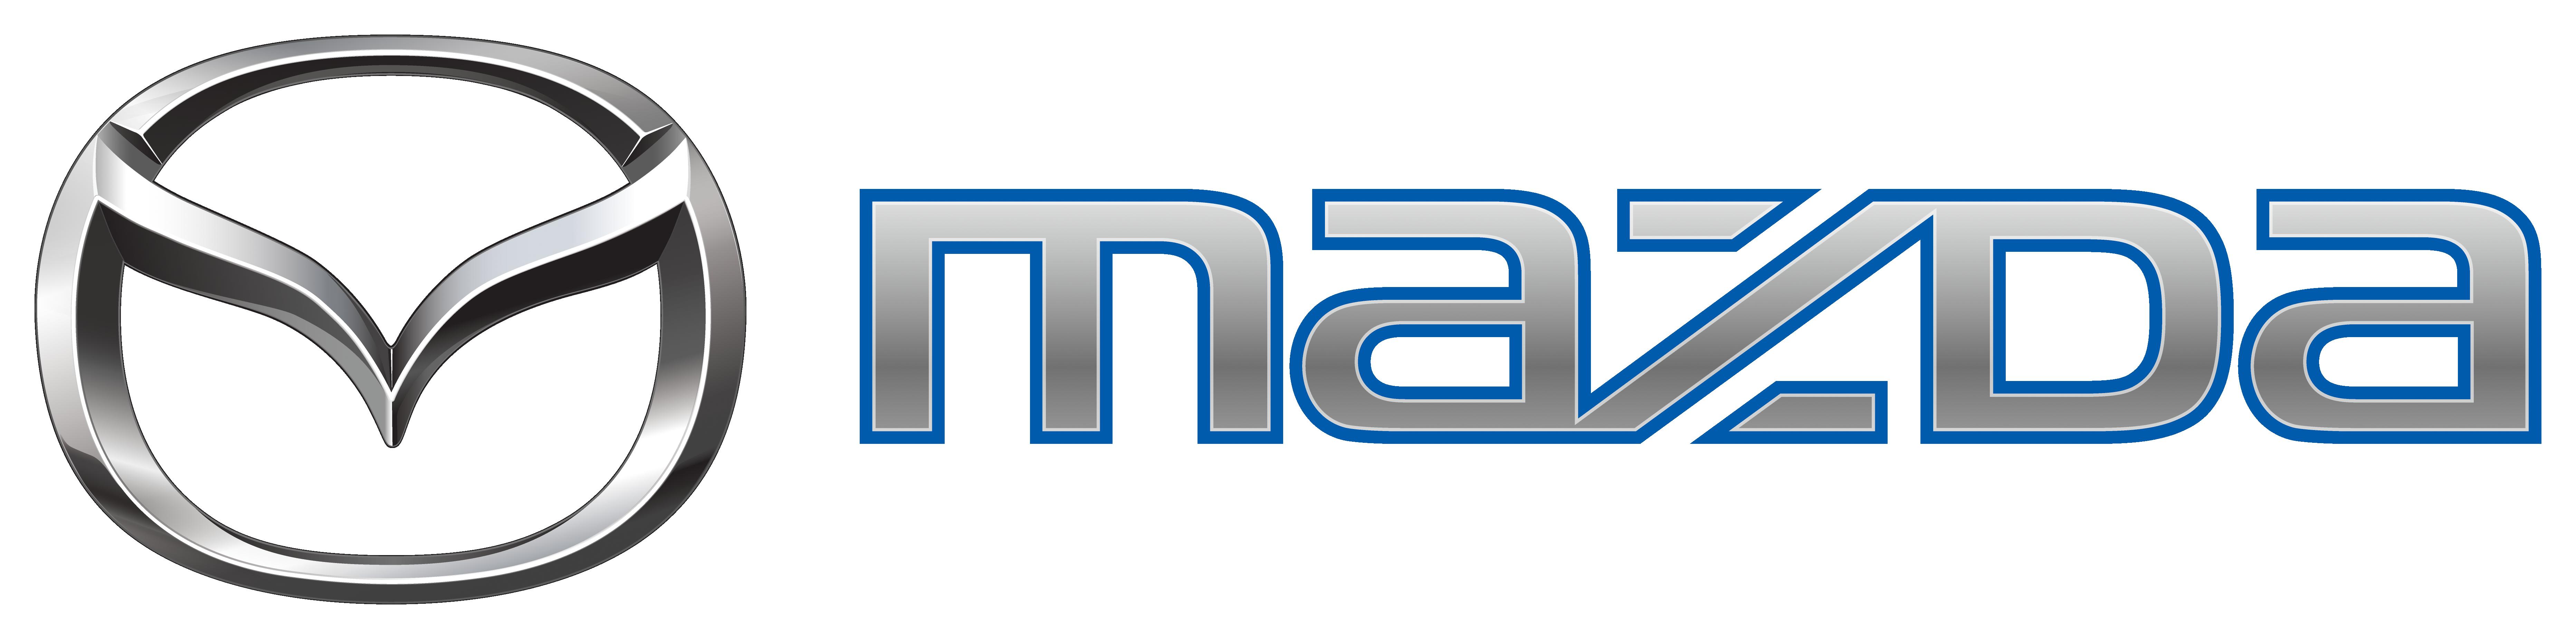 Mazda Skyactiv Logo PNG - 102900